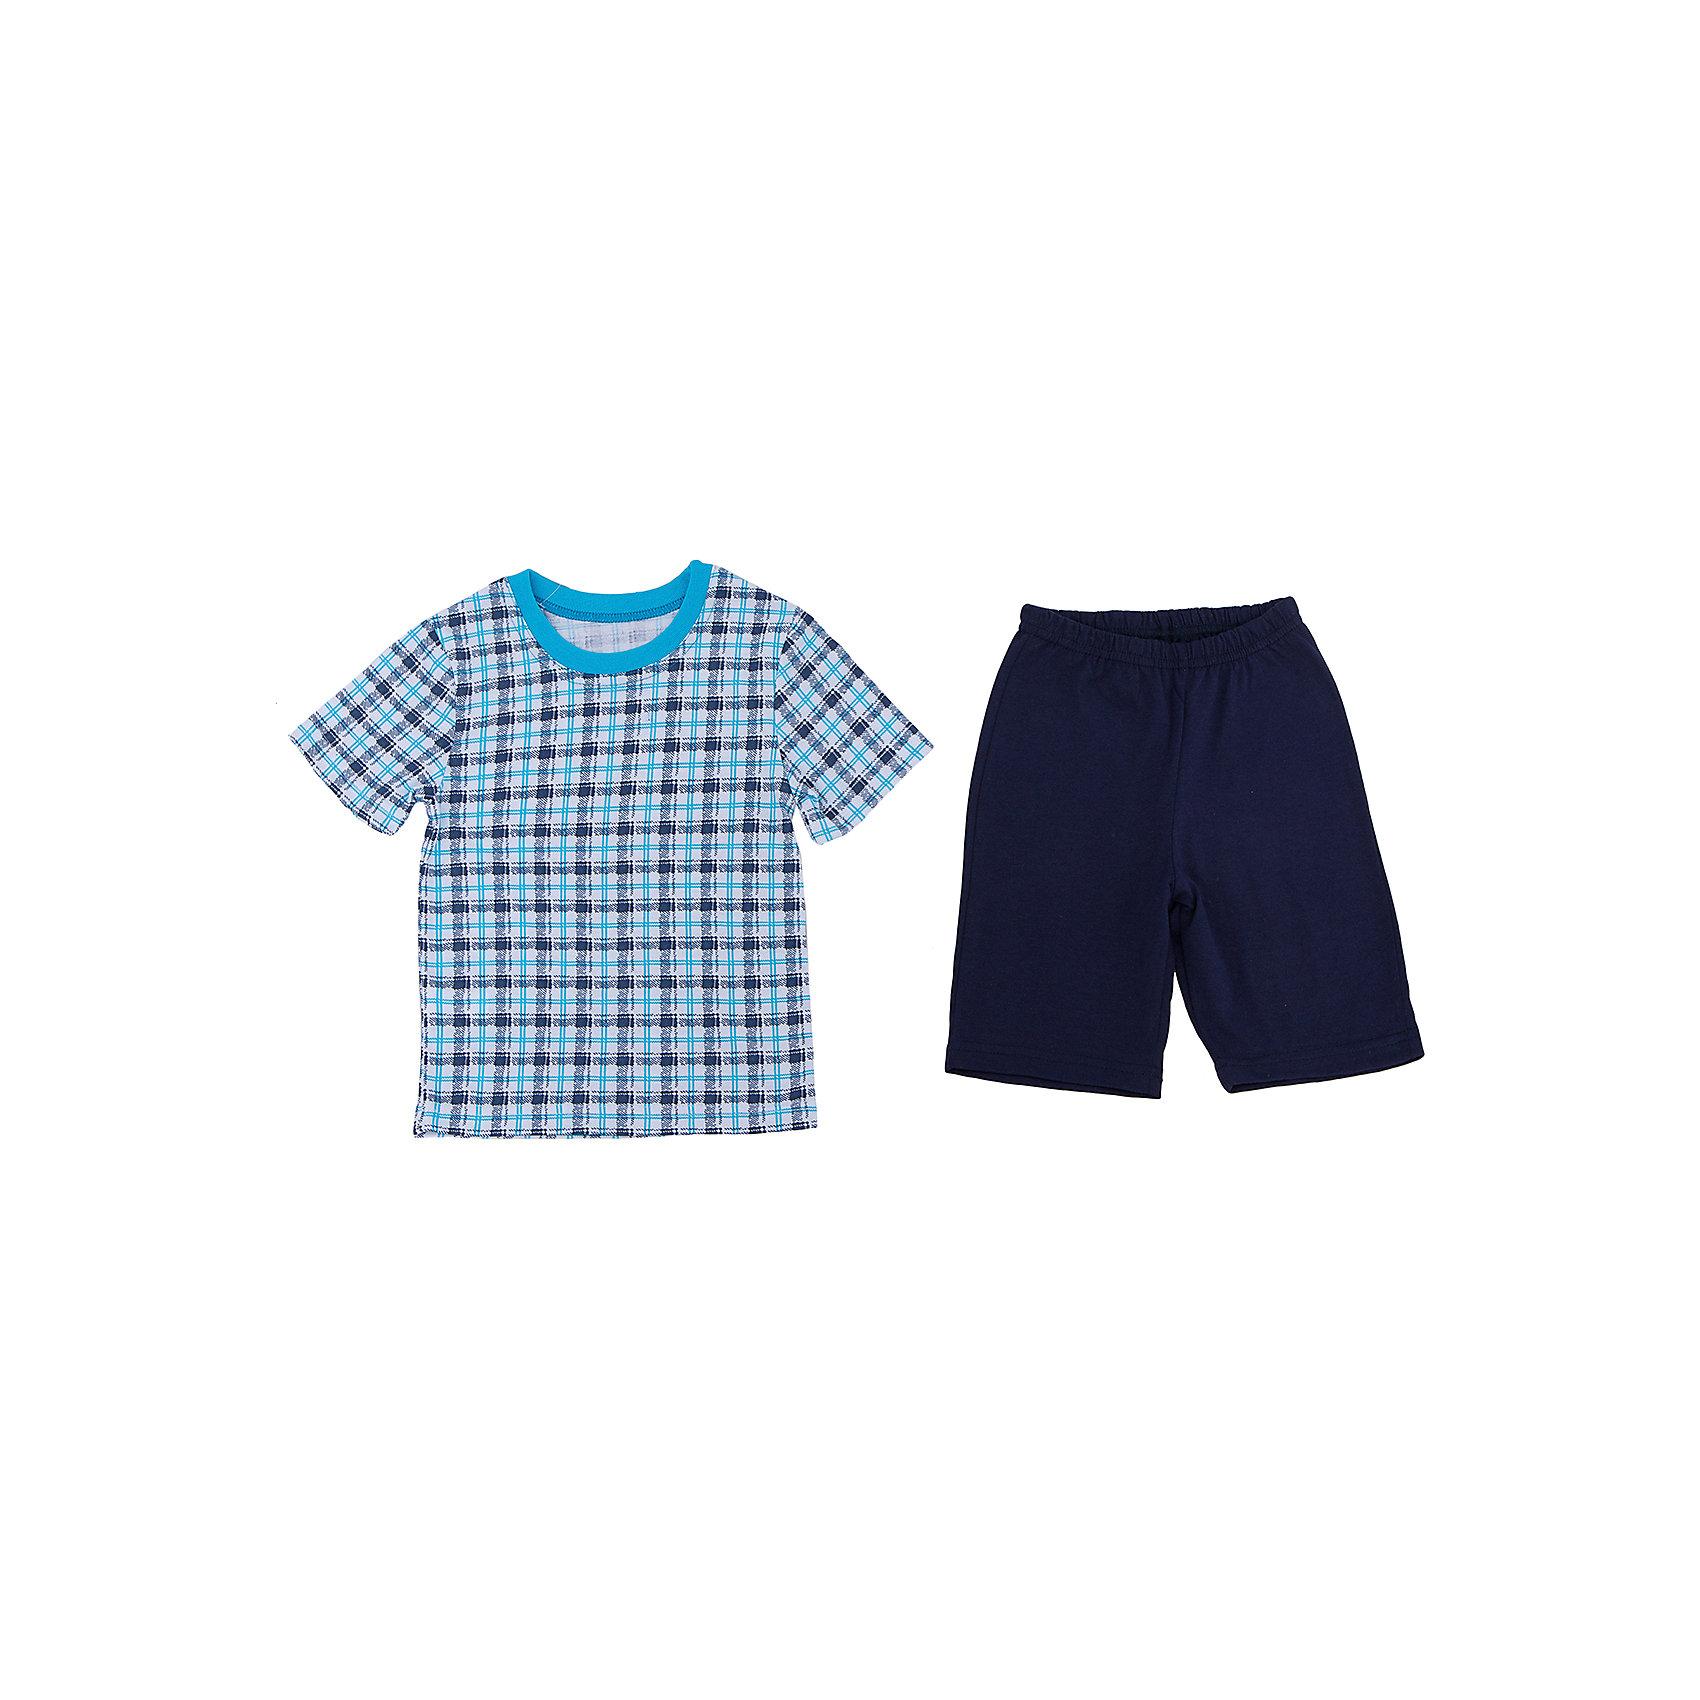 Пижама для мальчика АпрельПижама для мальчика Апрель.<br><br>Характеристики:<br>• состав: 100% хлопок<br>• цвет: синий<br><br>Пижама от марки Апрель изготовлена из мягкого хлопка, приятного на ощупь. Синие шорты хорошо сочетаются с футболкой в клетку. Спать в такой пижаме очень комфортно!<br><br>Пижаму для мальчика Апрель можно приобрести в нашем интернет-магазине.<br><br>Ширина мм: 281<br>Глубина мм: 70<br>Высота мм: 188<br>Вес г: 295<br>Цвет: синий<br>Возраст от месяцев: 60<br>Возраст до месяцев: 72<br>Пол: Мужской<br>Возраст: Детский<br>Размер: 116,86,110,92,98,104<br>SKU: 4936785